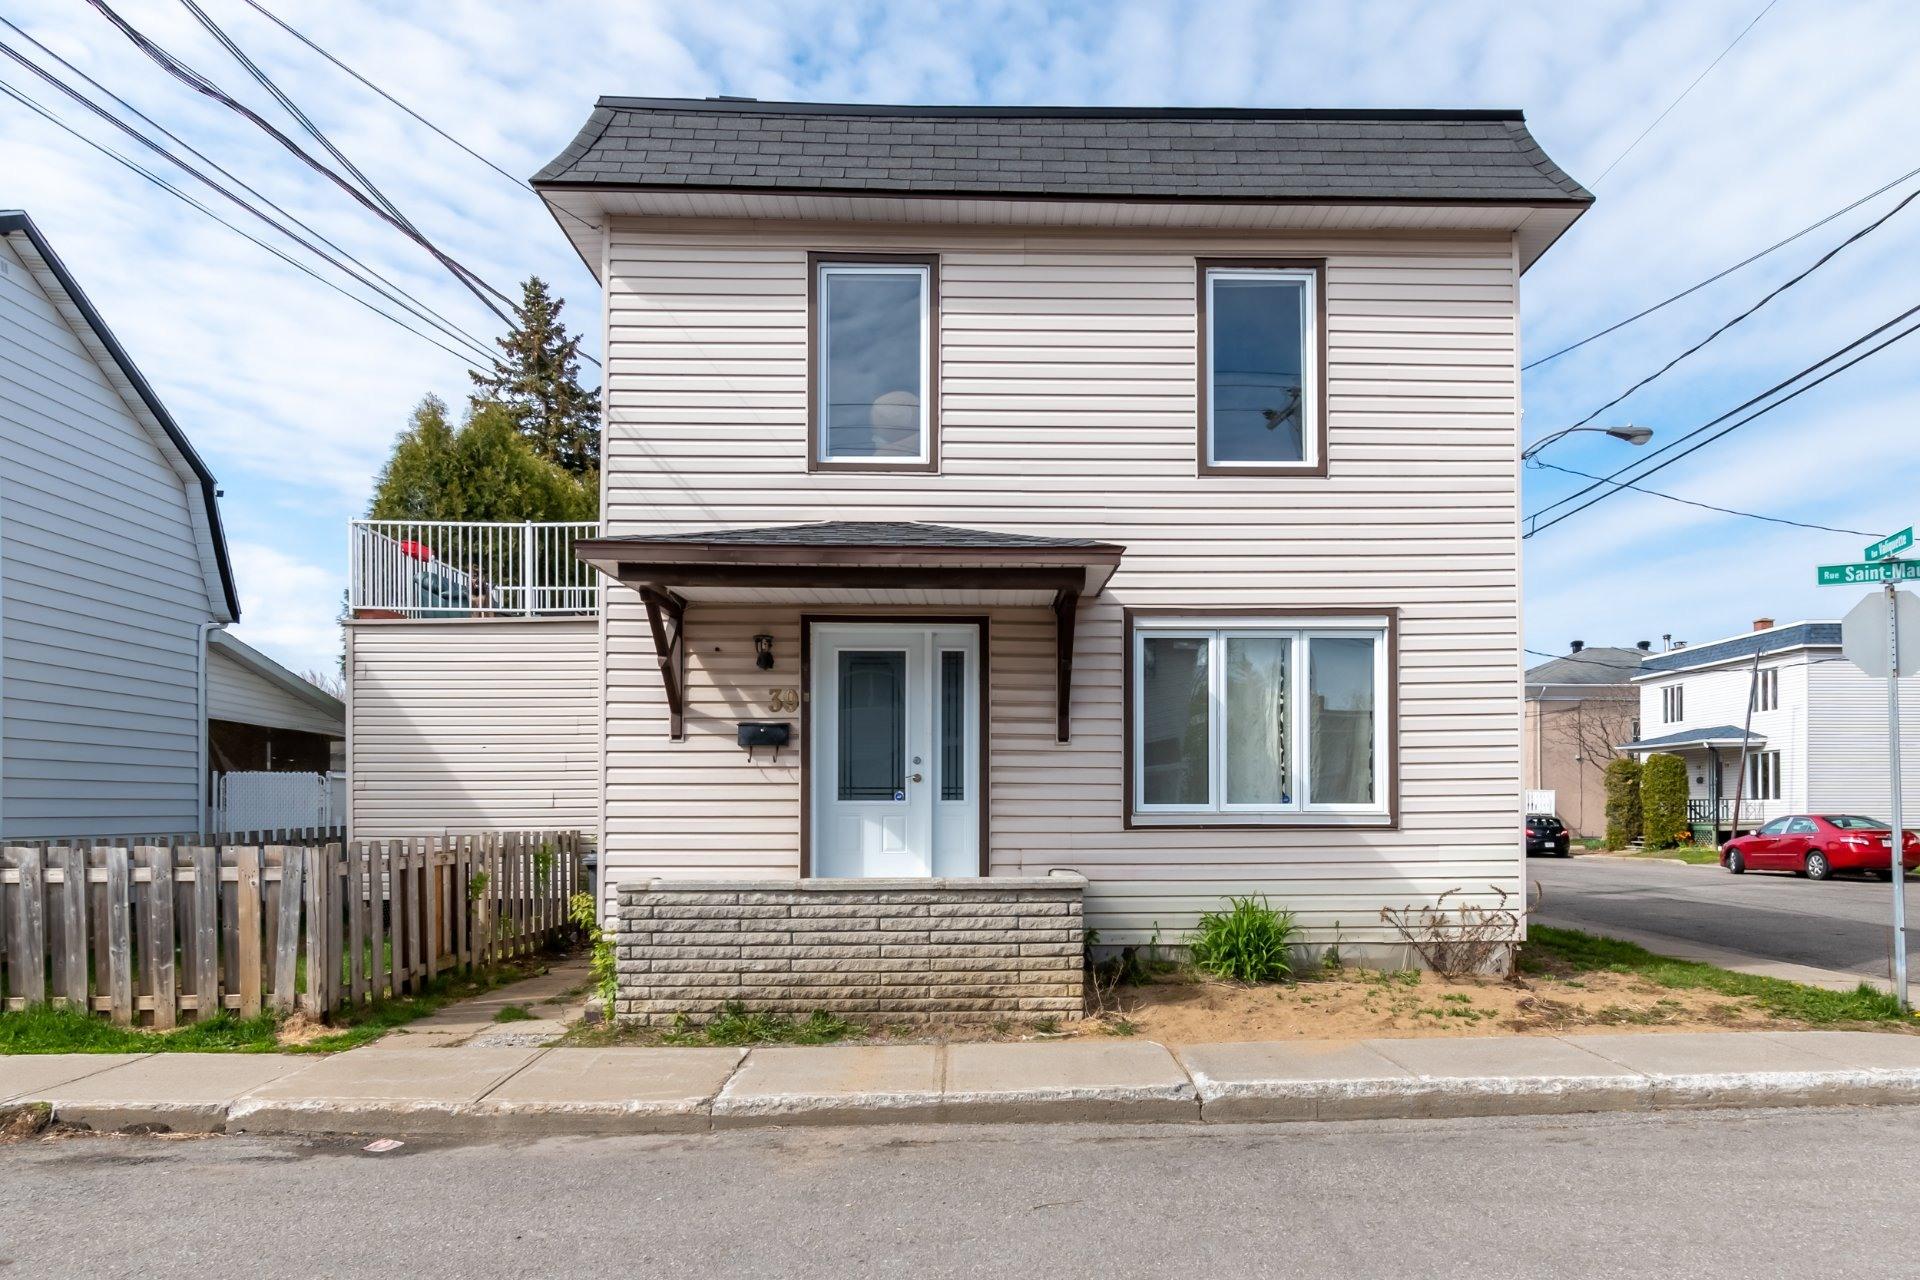 image 10 - Duplex À vendre Trois-Rivières - 4 pièces